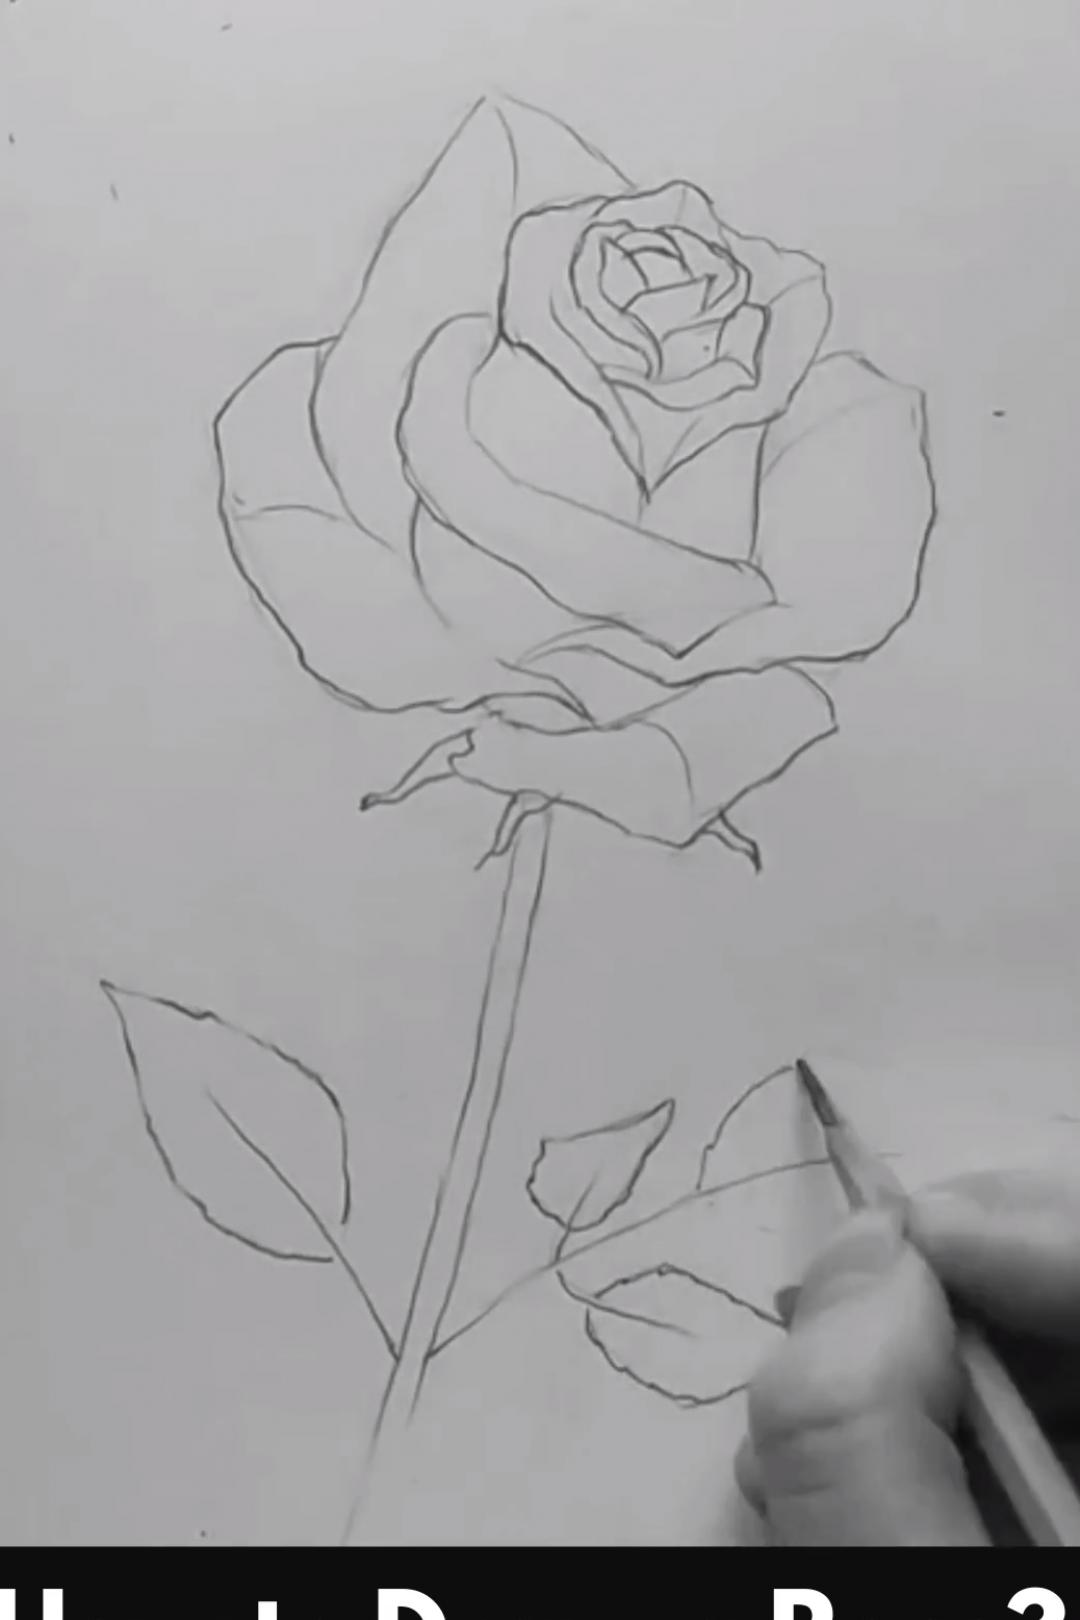 Zeichnung Zeichentipps Zeichnungen Bleistift In 2020 Simple Flower Drawing Flower Drawing Drawings